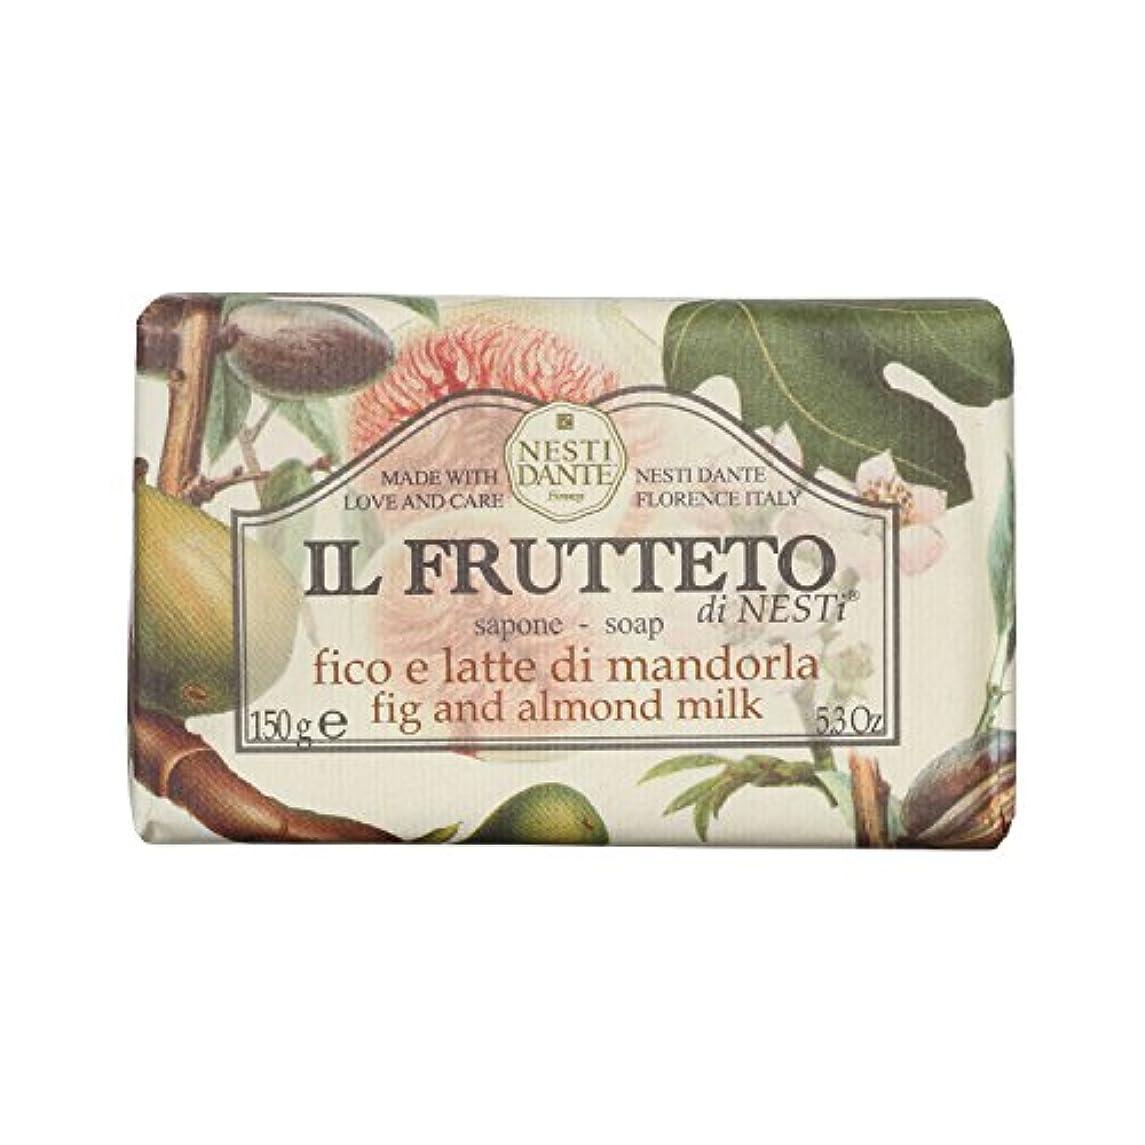 拒絶沿って店員Nesti Dante ネスティダンテ フルッテートソープ フィグ&アーモンドミルク 150g